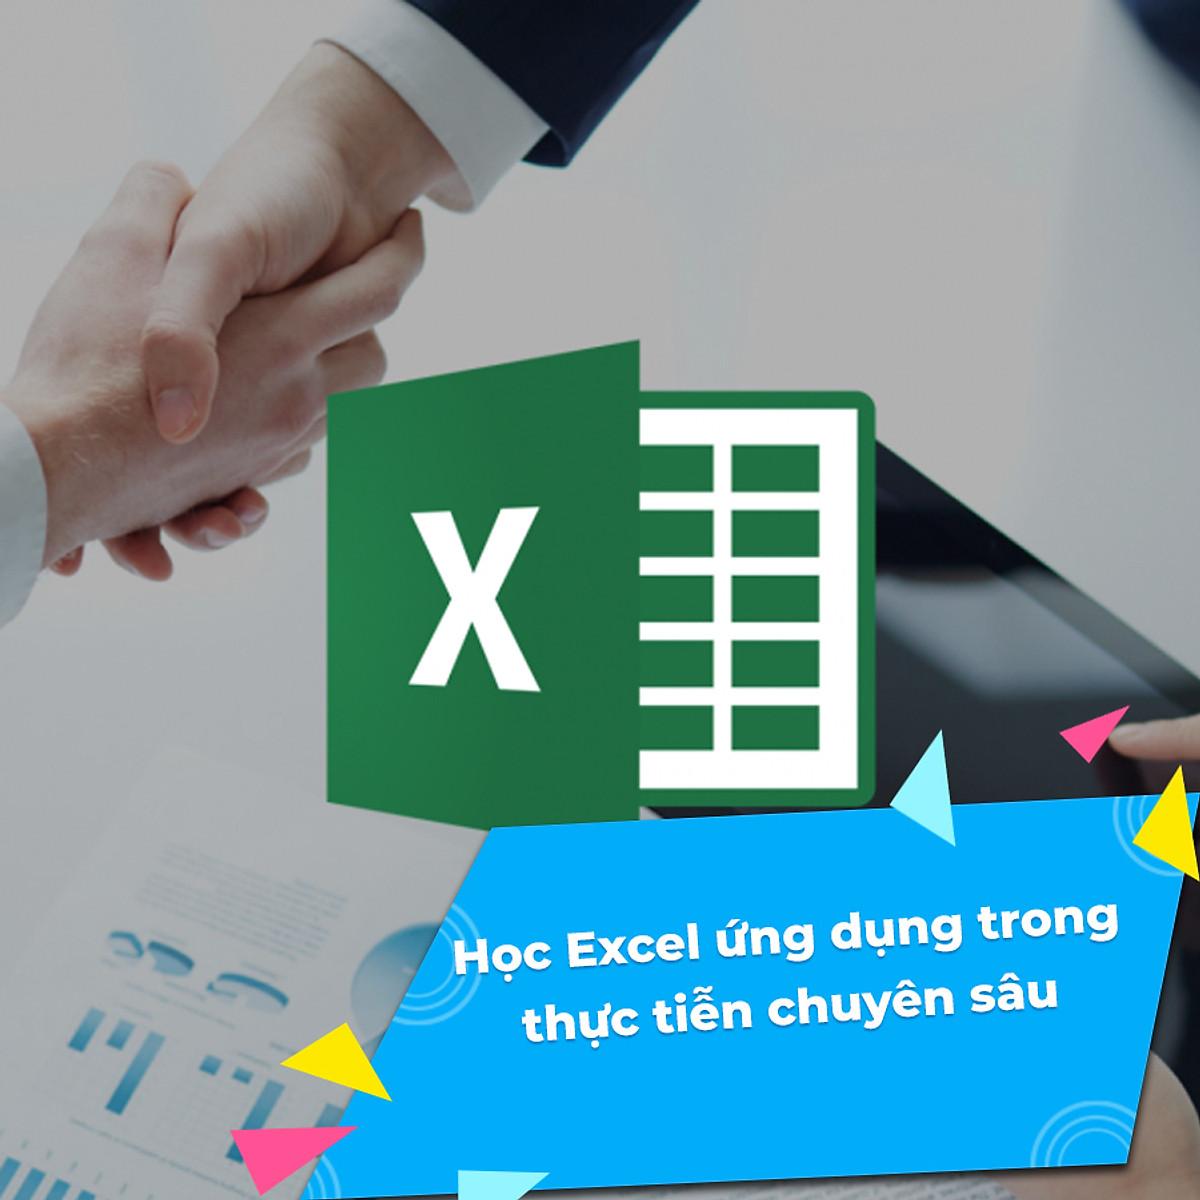 Video học Học Excel ứng dụng trong thực tiễn chuyên sâu 2021